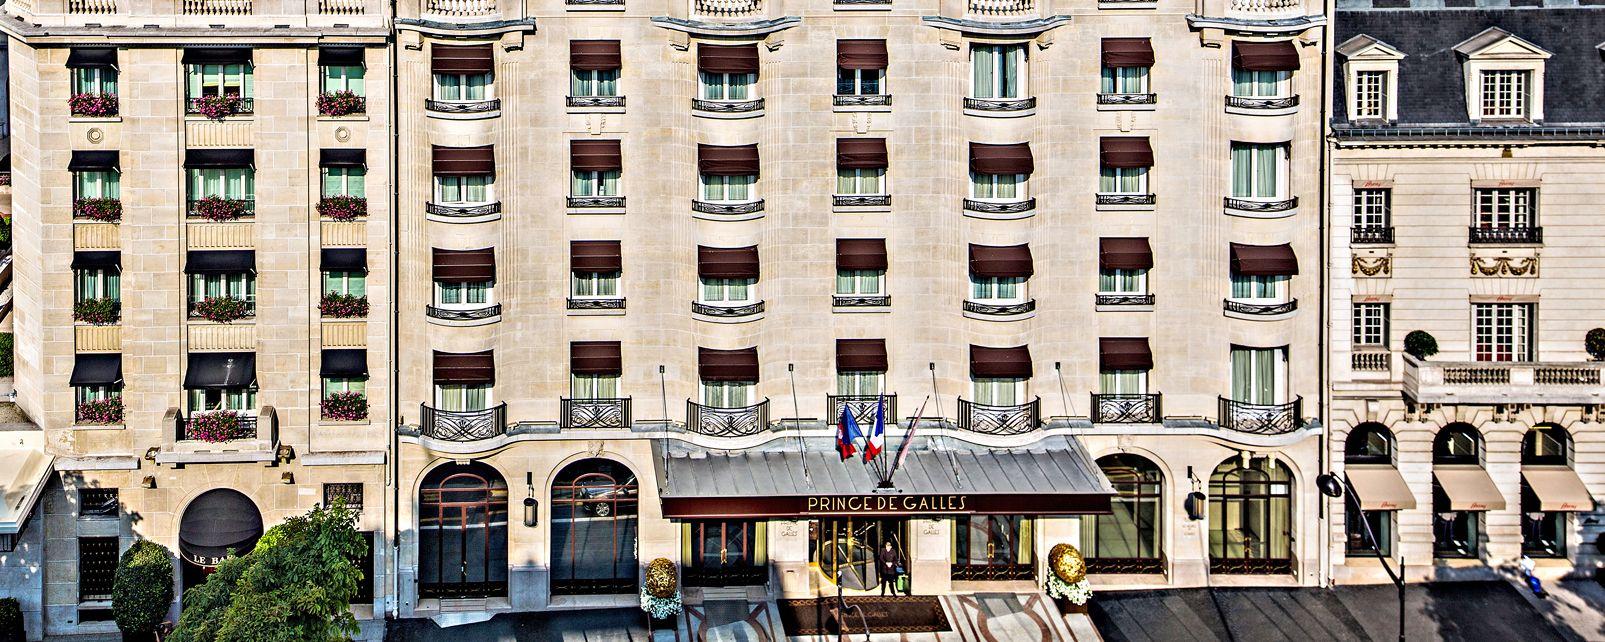 Hotel Prince De Galles